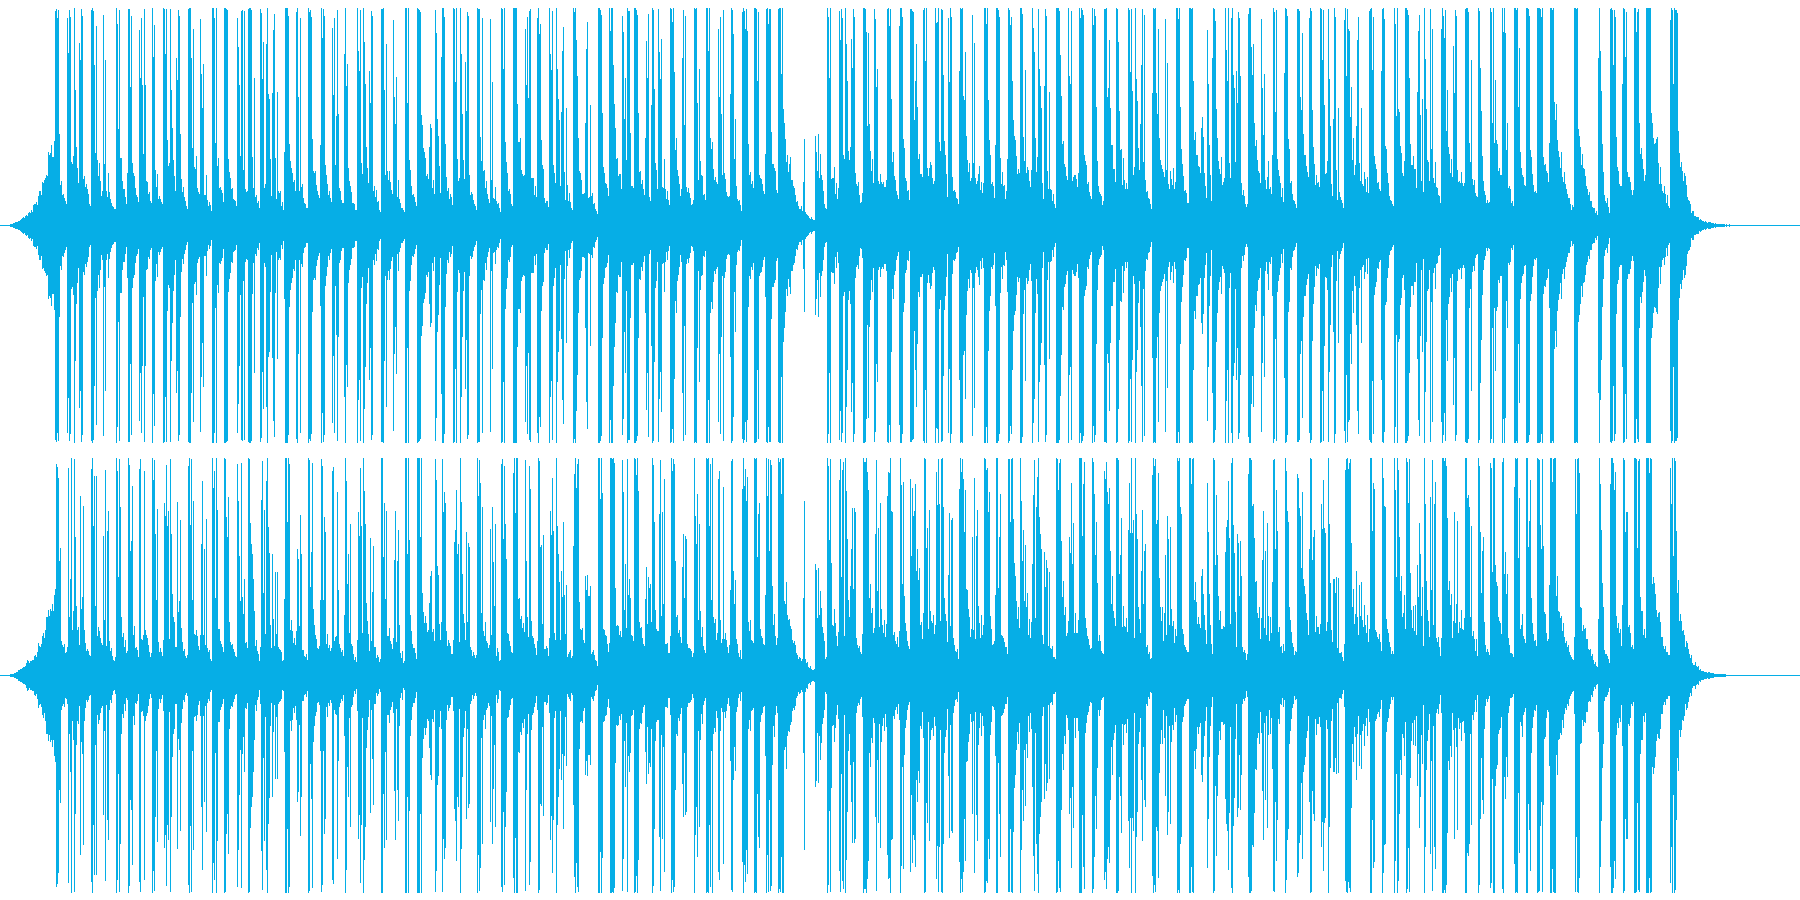 ドラムと手拍子ジングル明るい疾走感(中)の再生済みの波形